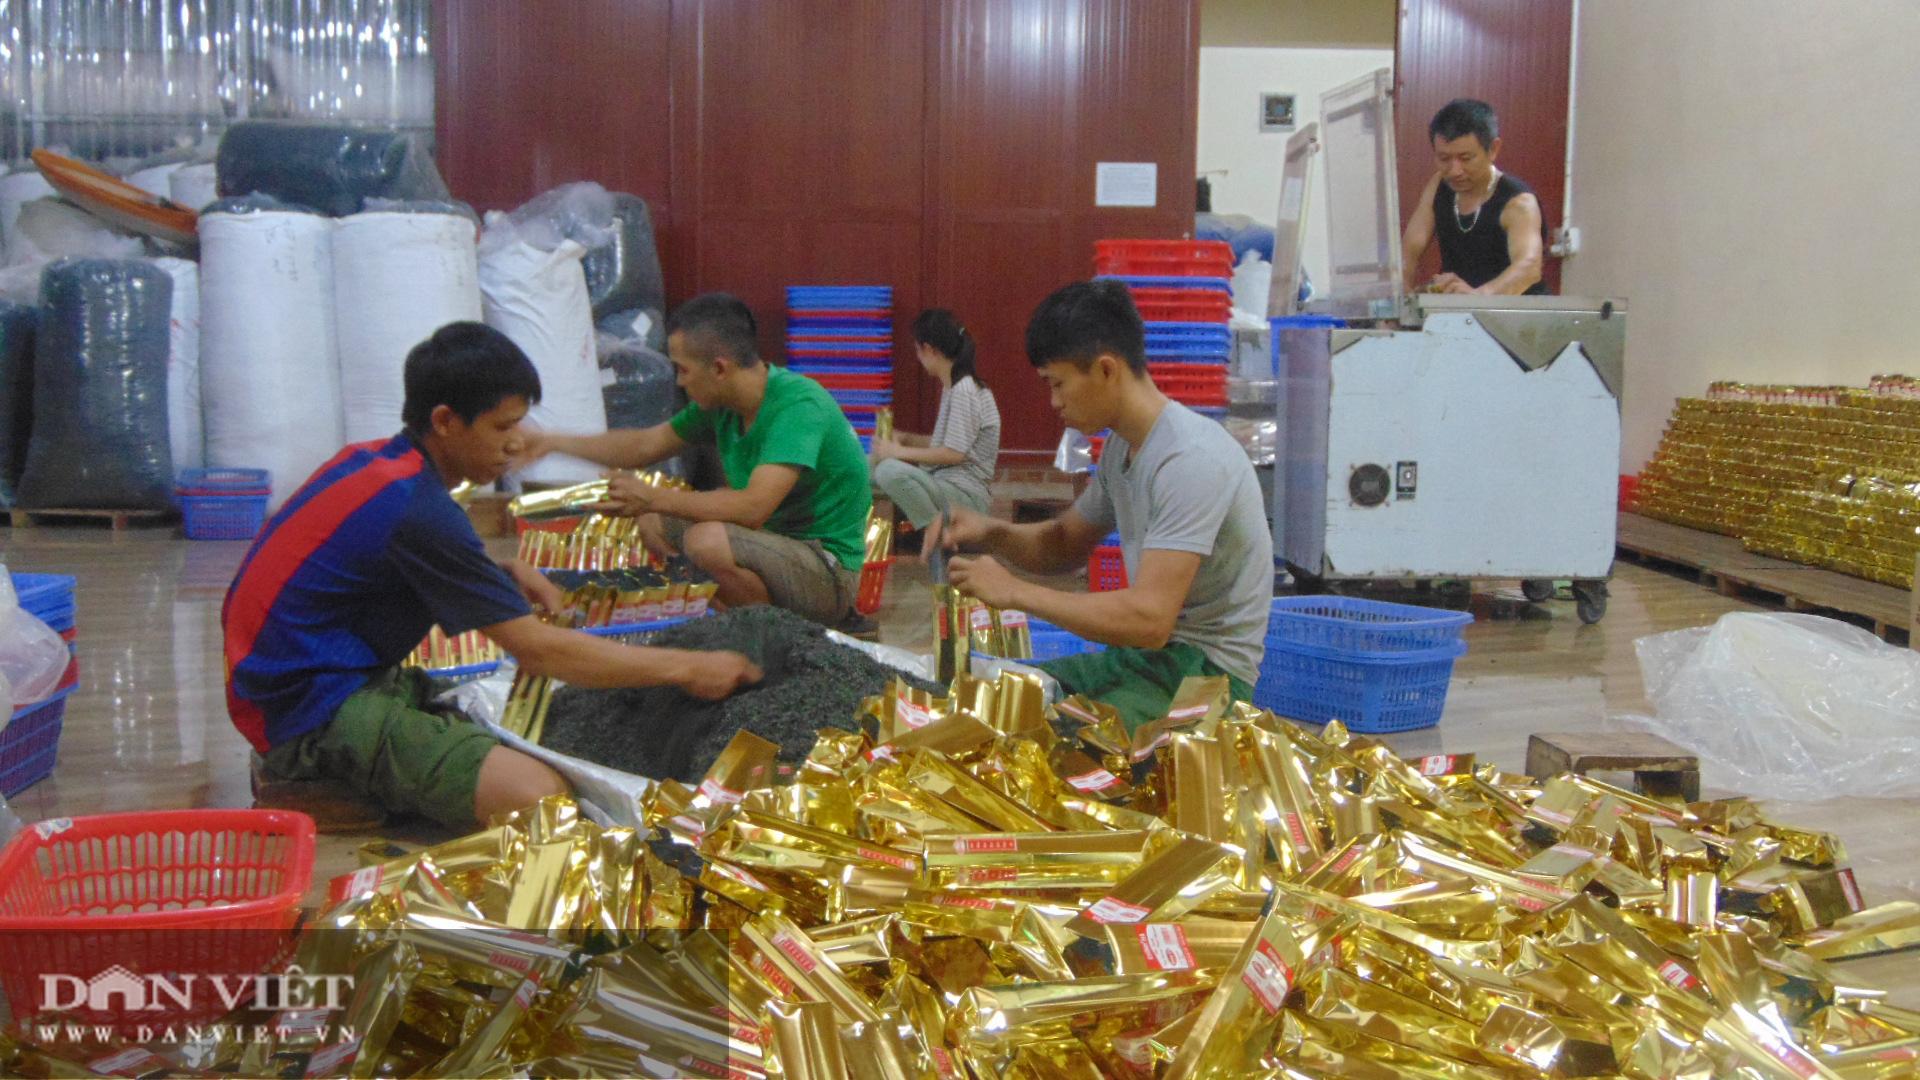 Từ bỏ nghề giáo, cô gái 8x Thái Nguyên về xây dựng thương hiệu chè truyền thống - Ảnh 1.